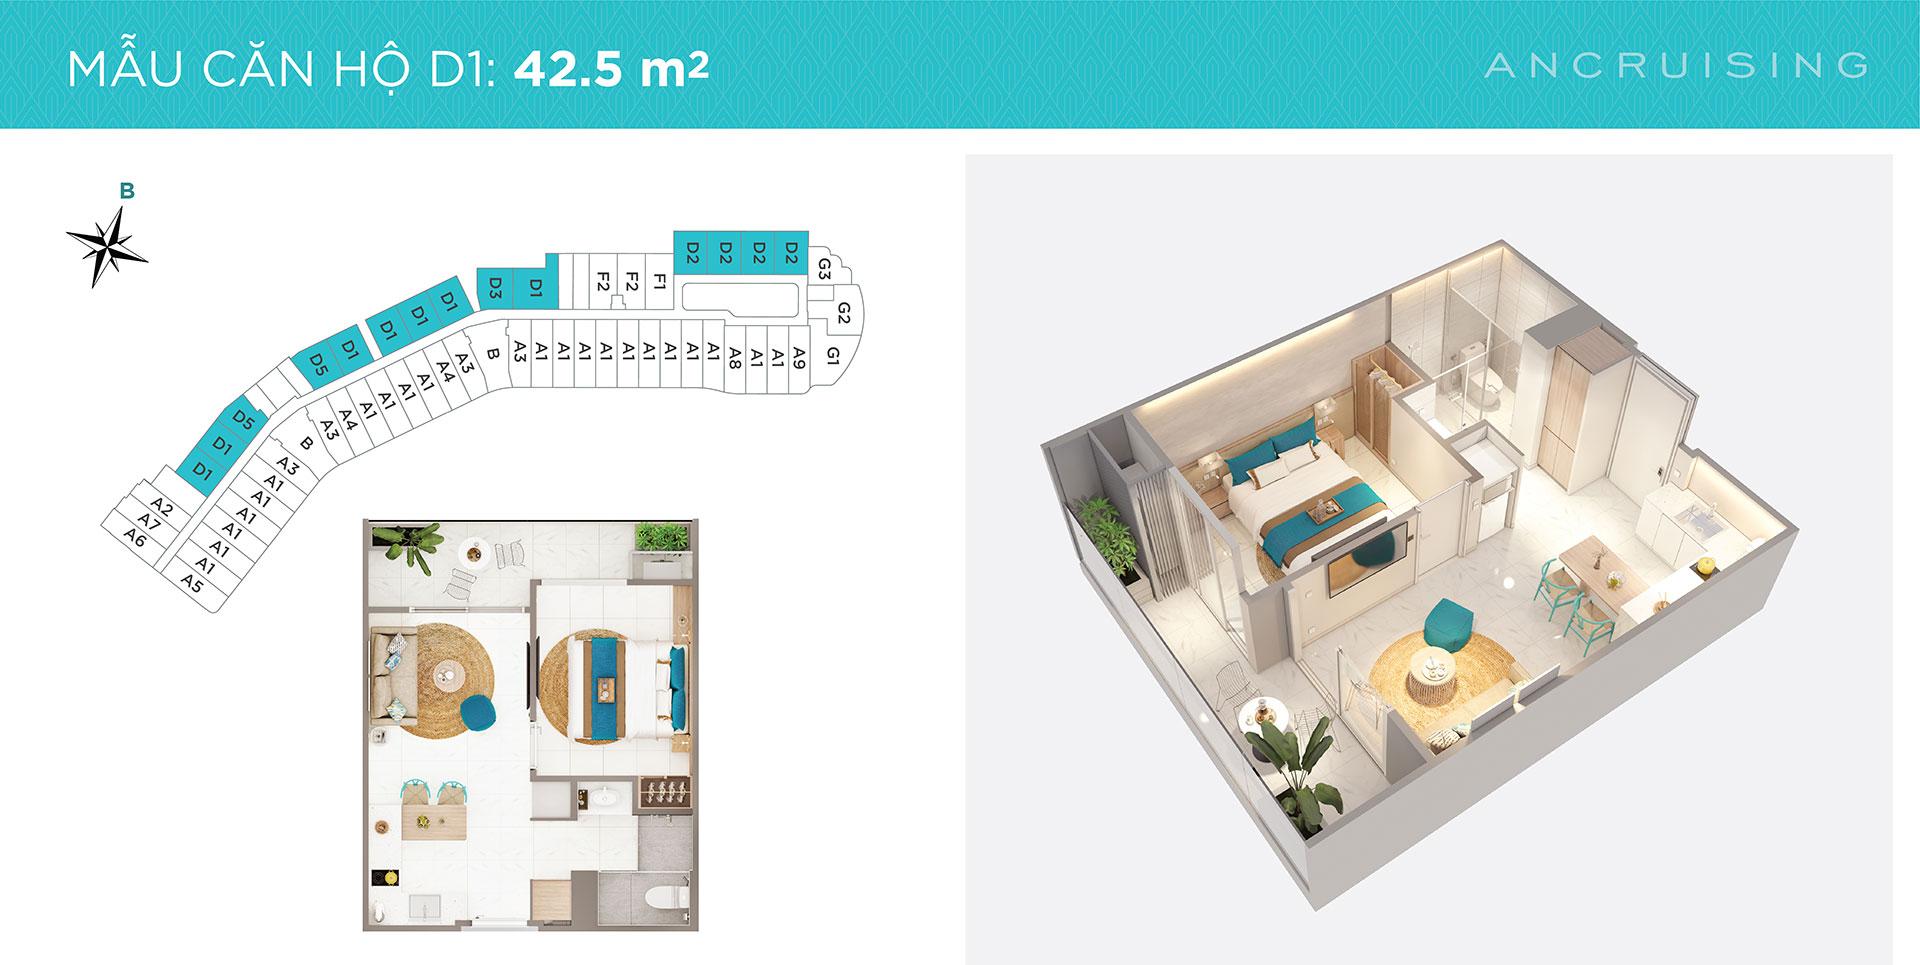 Mặt bằng căn hộ ANCruising Nha Trang 42.5m2